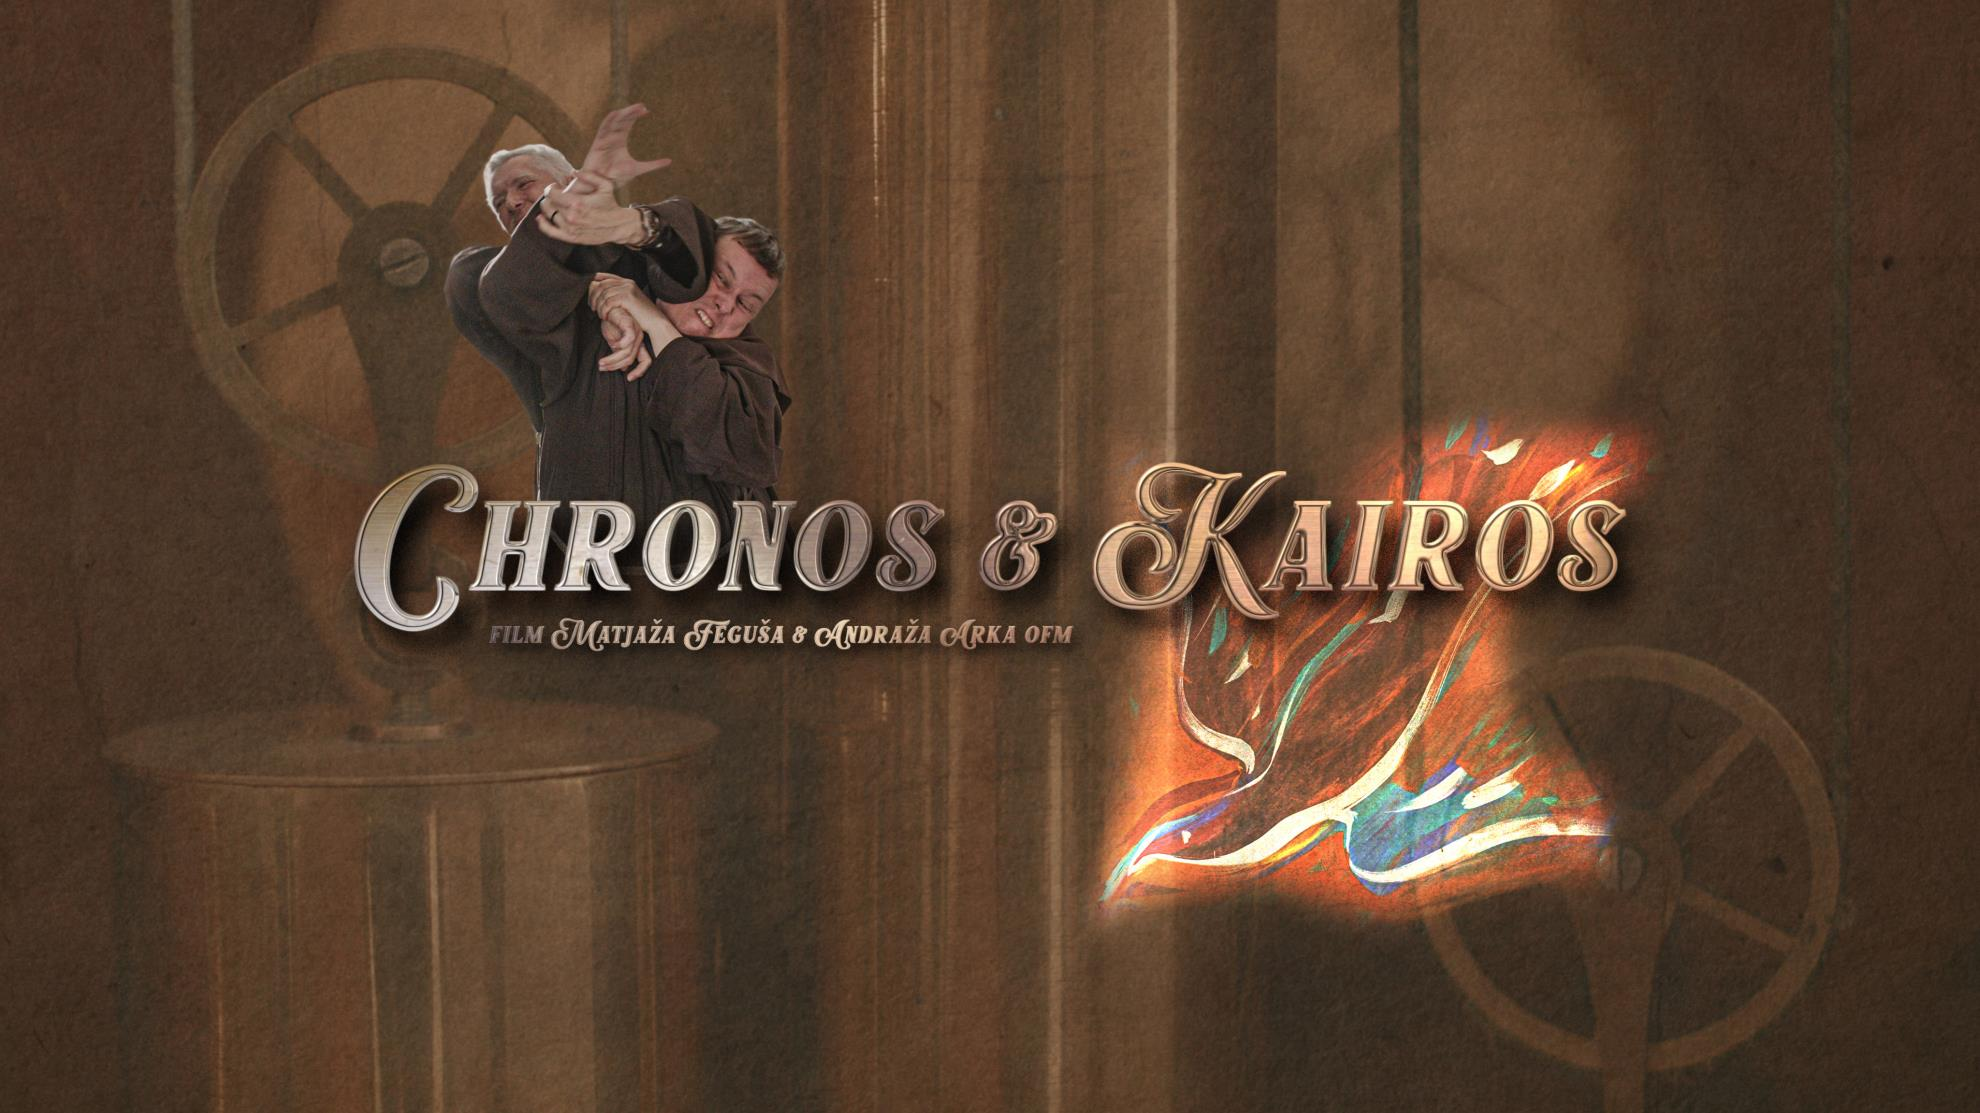 Chronos & Kairos